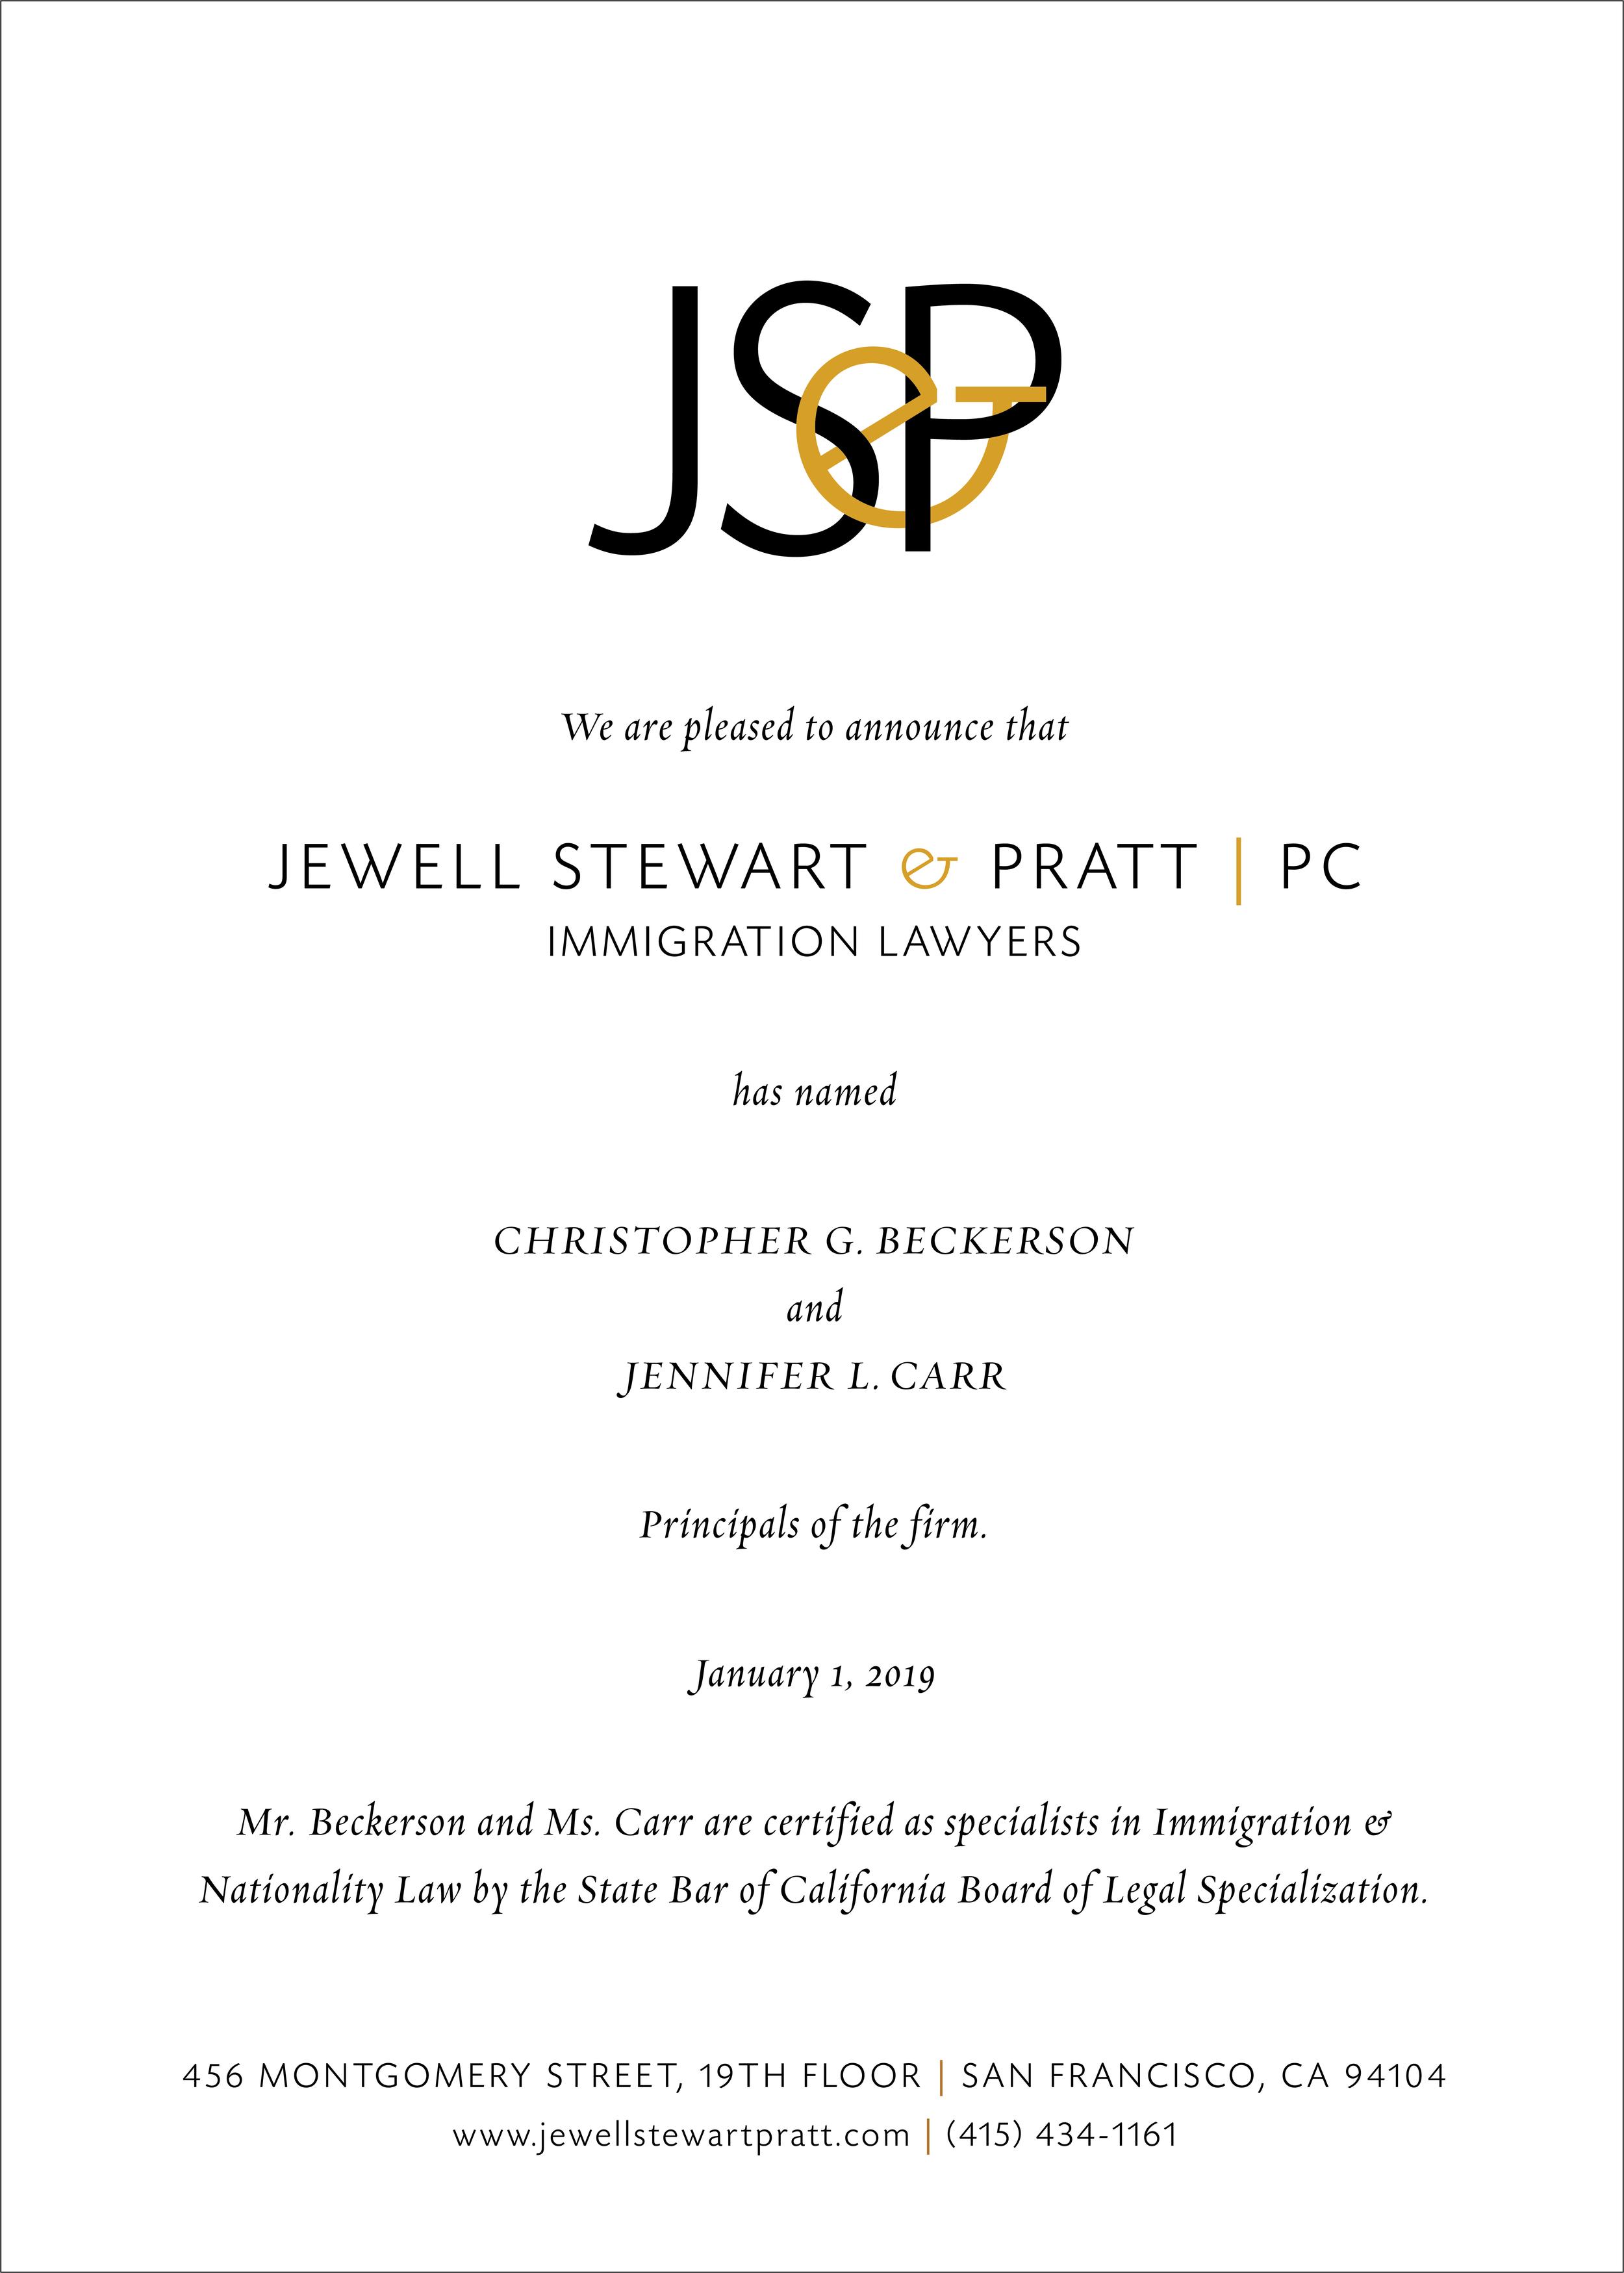 2019-01 - JSP new partner announcement.png